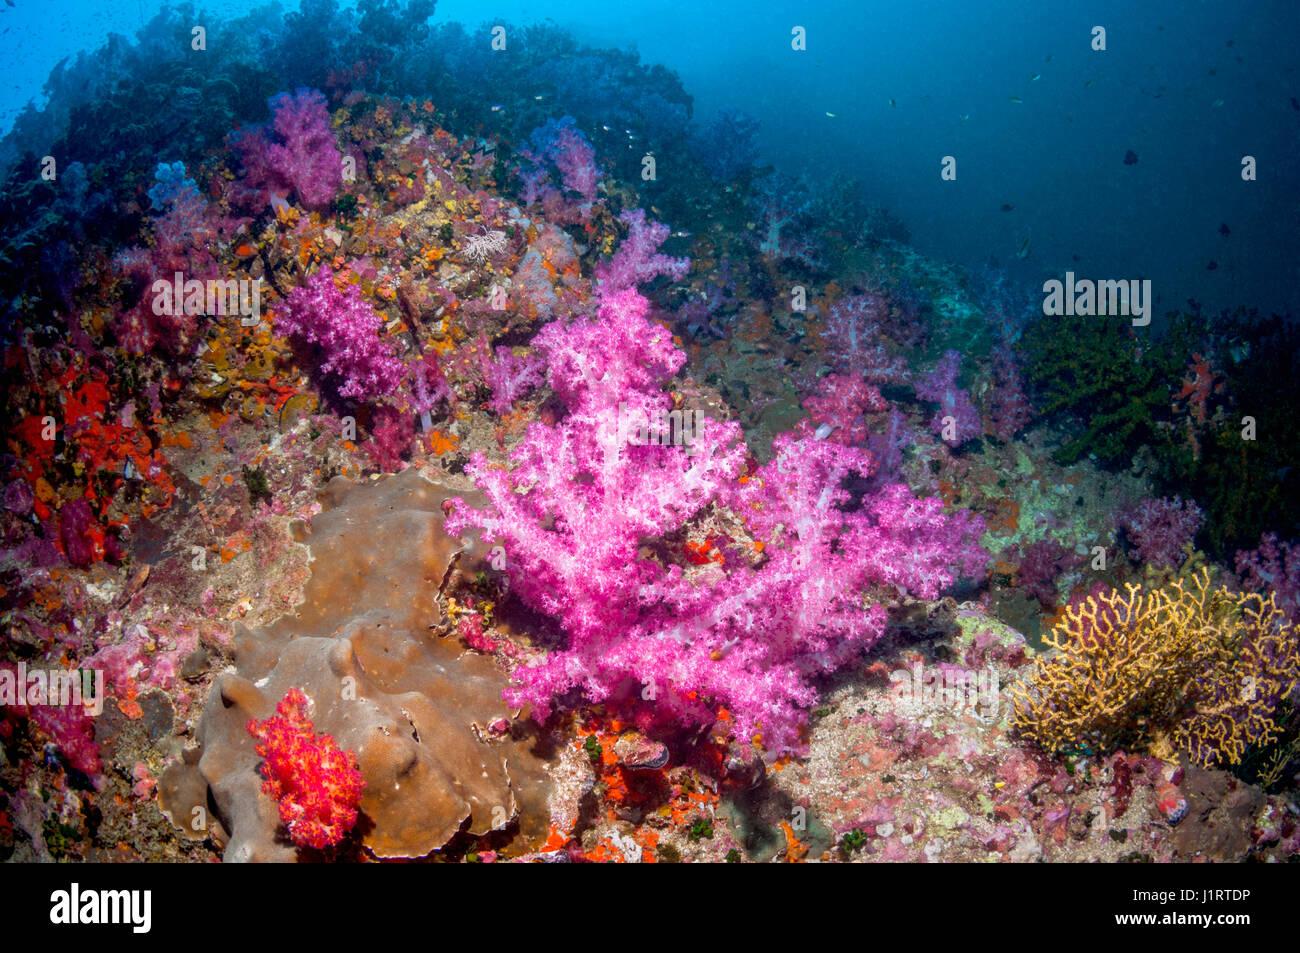 Corales blandos [Dendronephthya sp.] en pendiente de arrecifes de coral. Mar de Andamán, Tailandia. Foto de stock